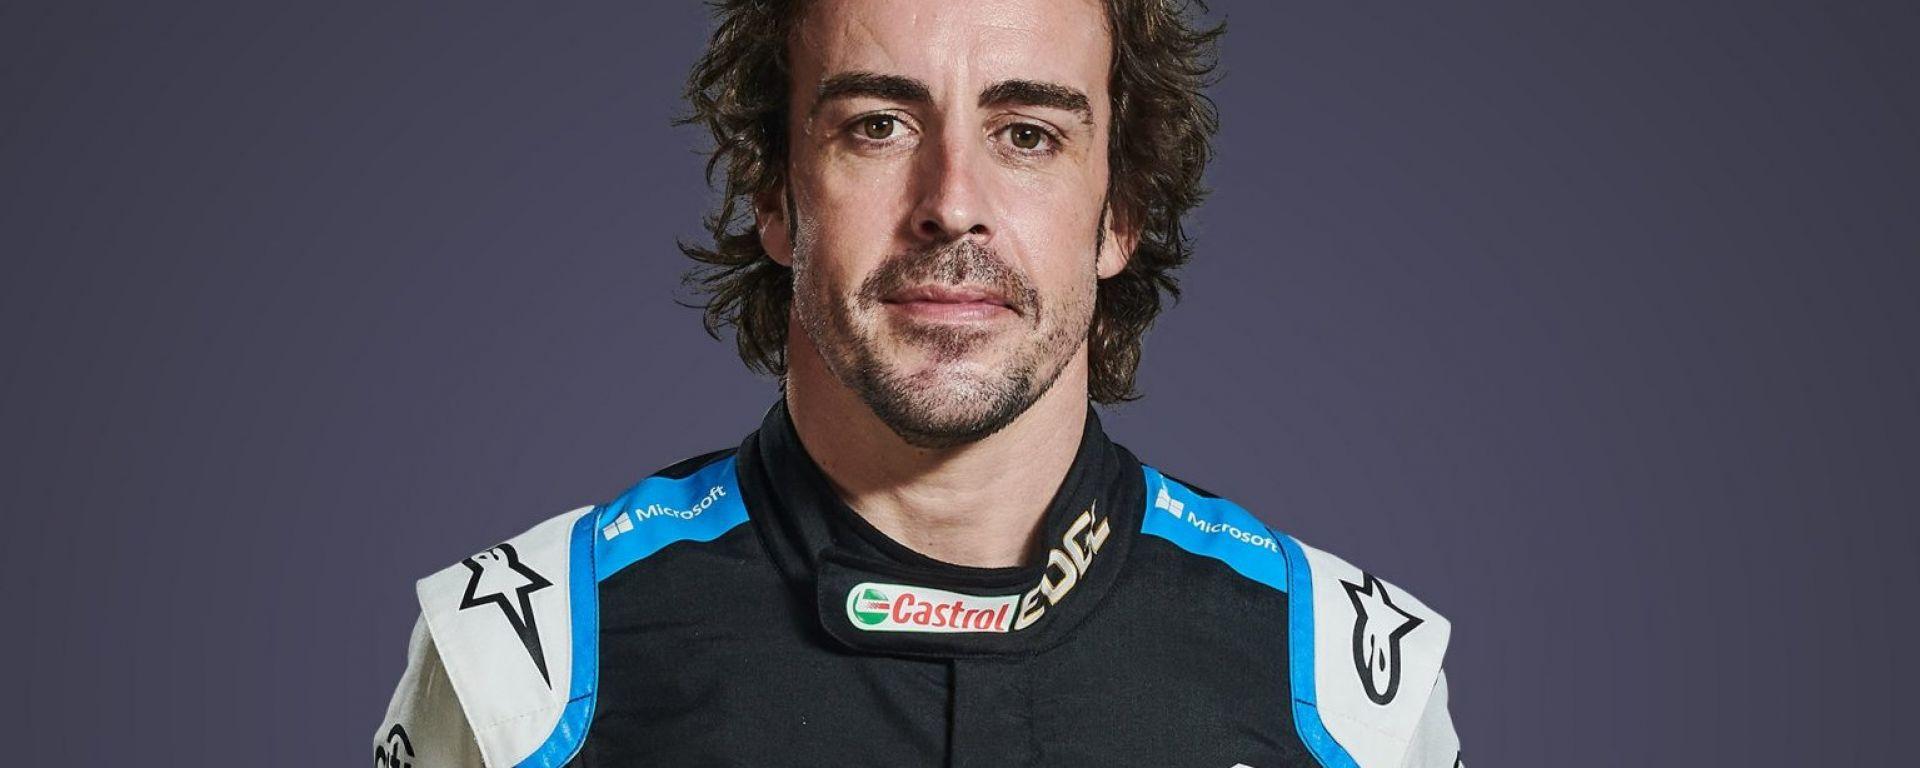 F1 2021, Fernando Alonso (Alpine Renault F1 Team)